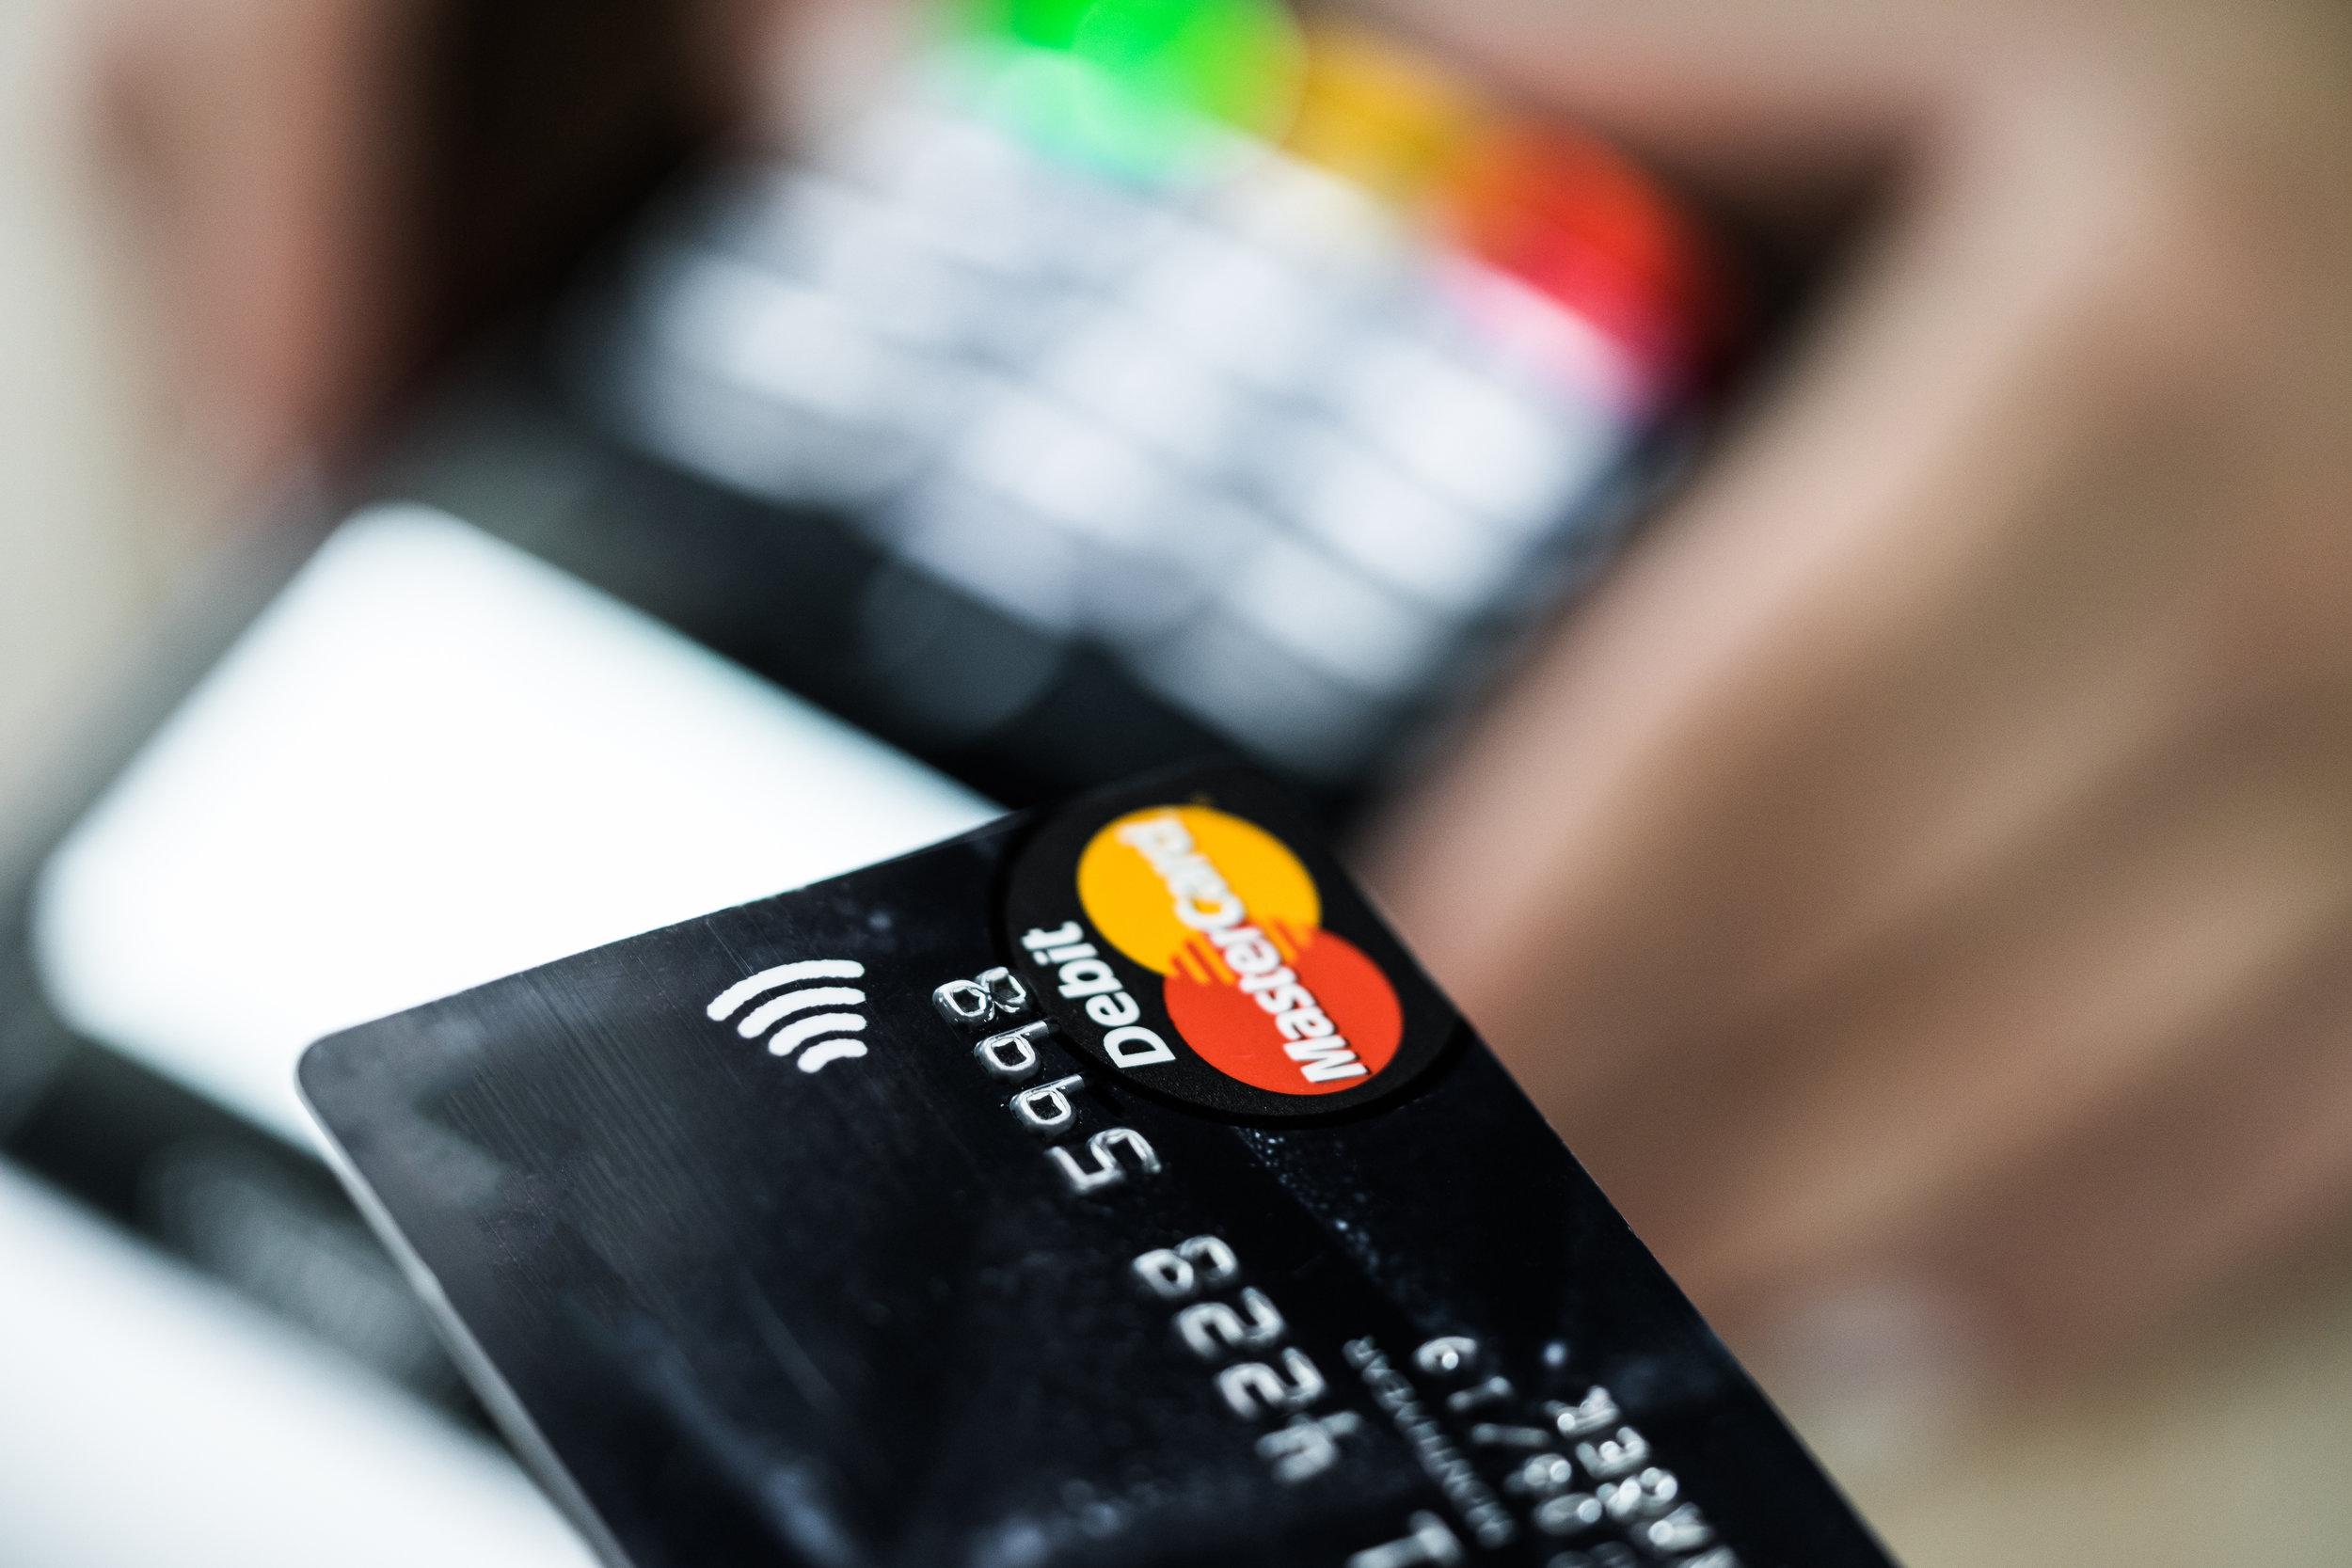 contactless-credit-card-payment-picjumbo-com.jpg